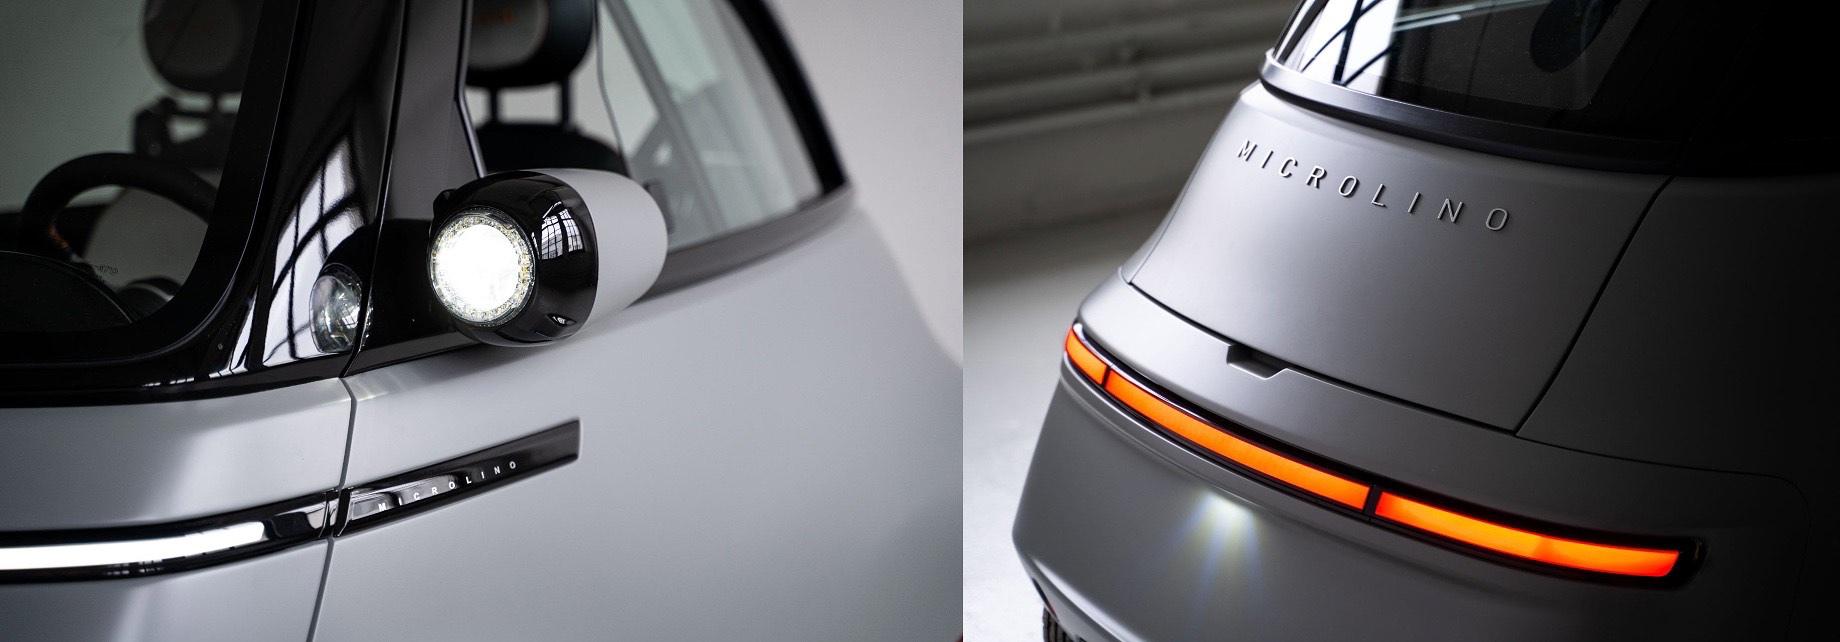 На Мюнхенском автошоу дебютировал серийный экземпляр электрокара Microlino